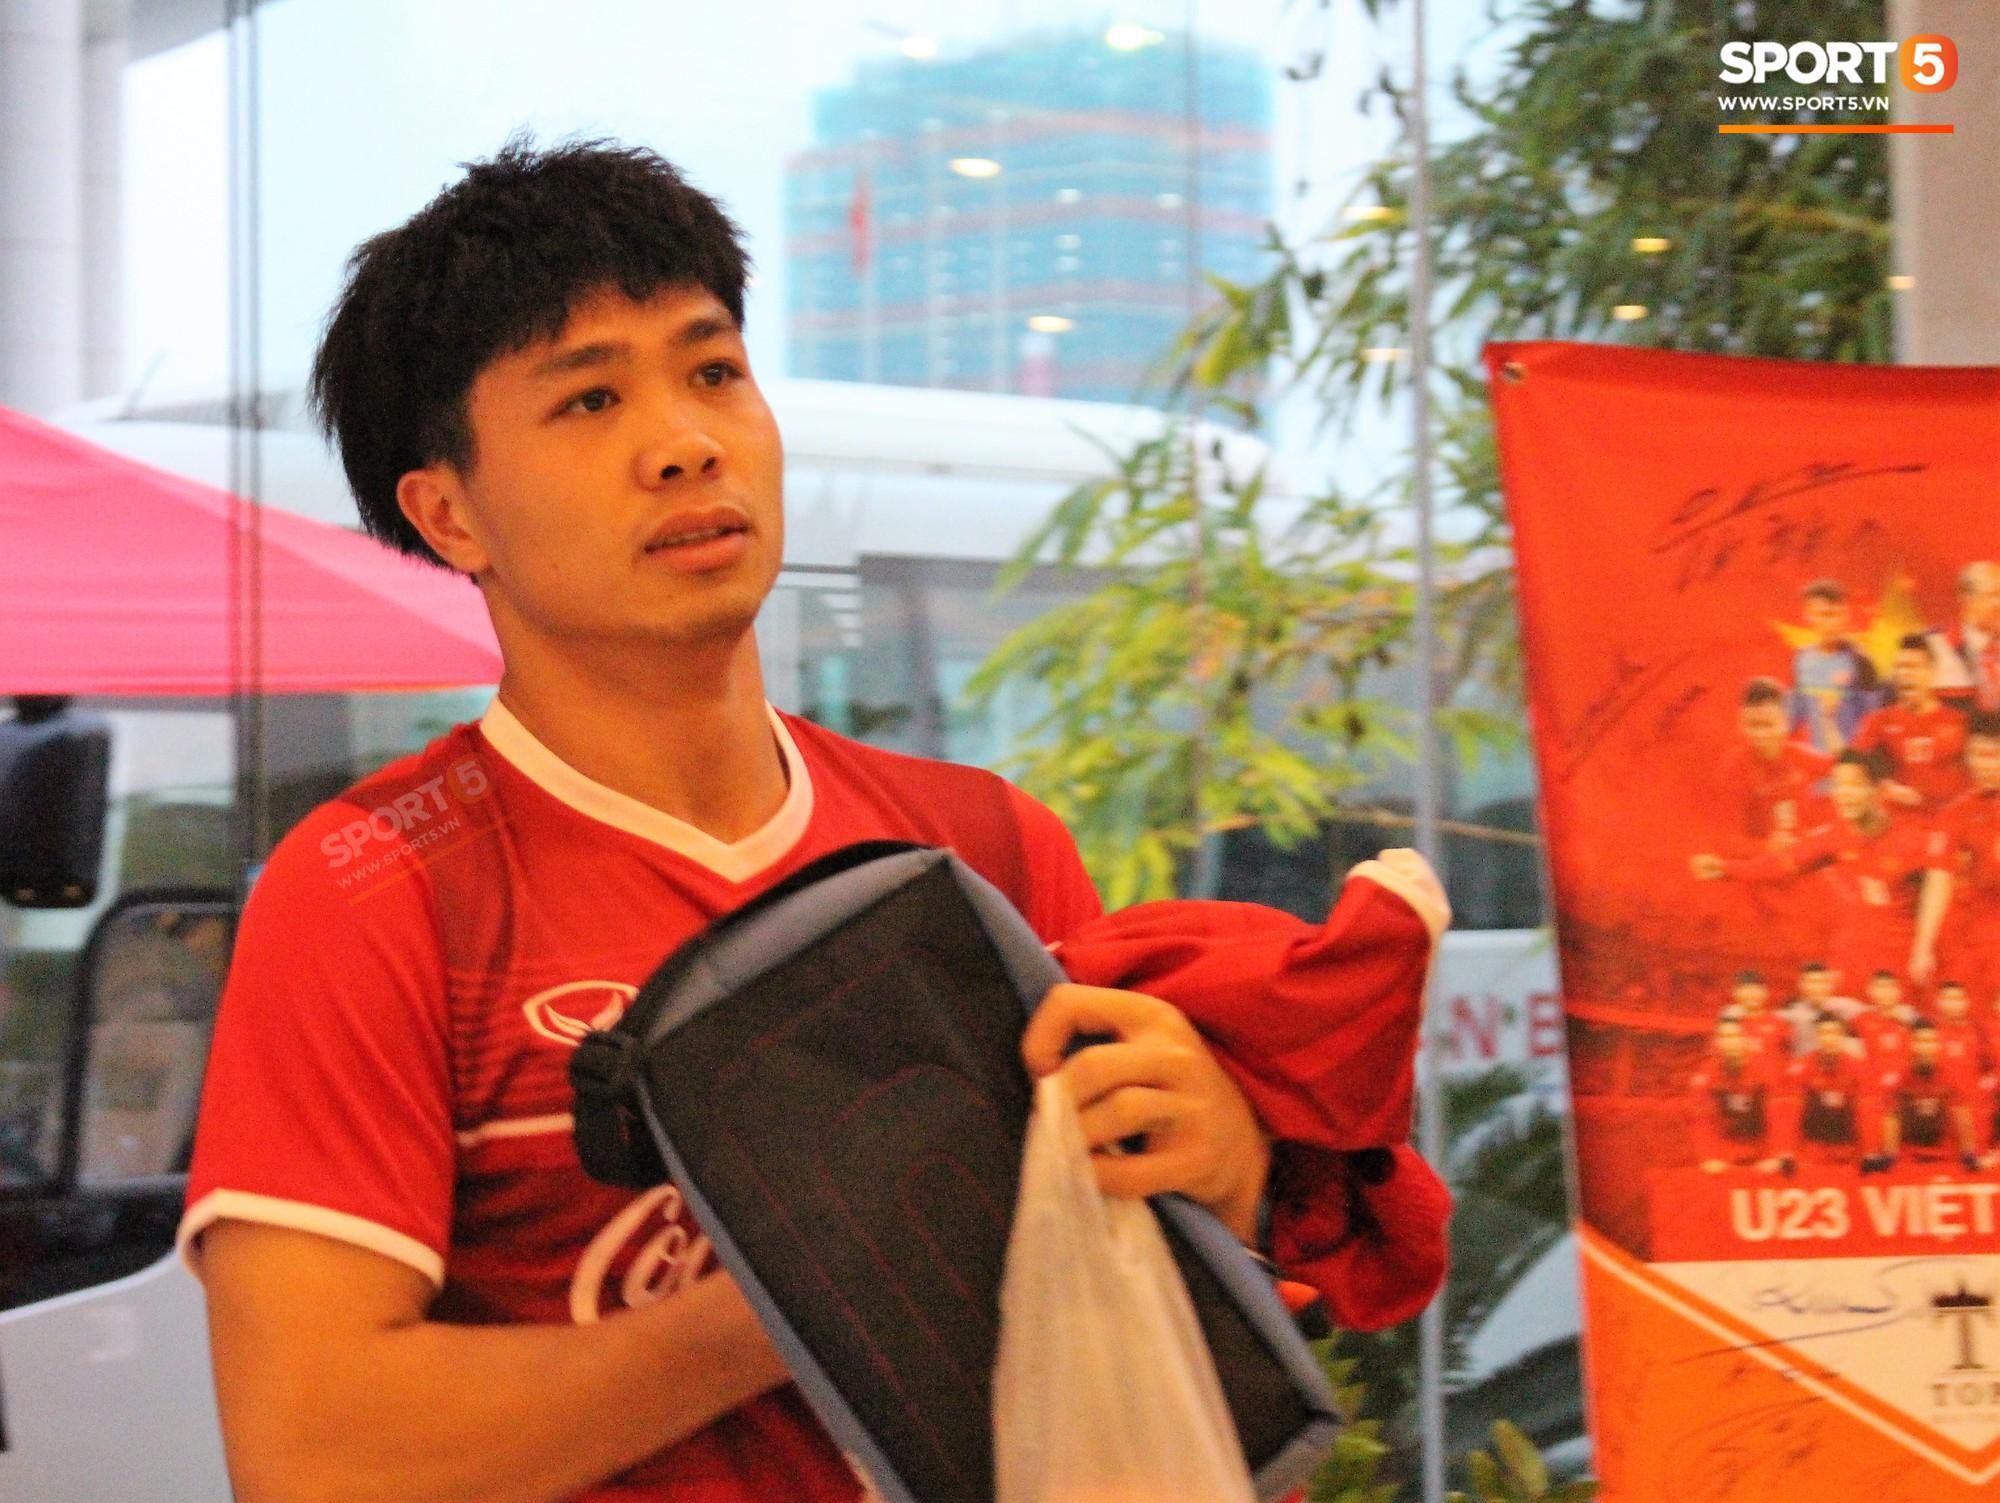 Hà Đức Chinh kêu trời vì đau bụng sau buổi tập đầu tiên cùng đội tuyển Việt Nam chuẩn bị cho AFF Cup 2018-8